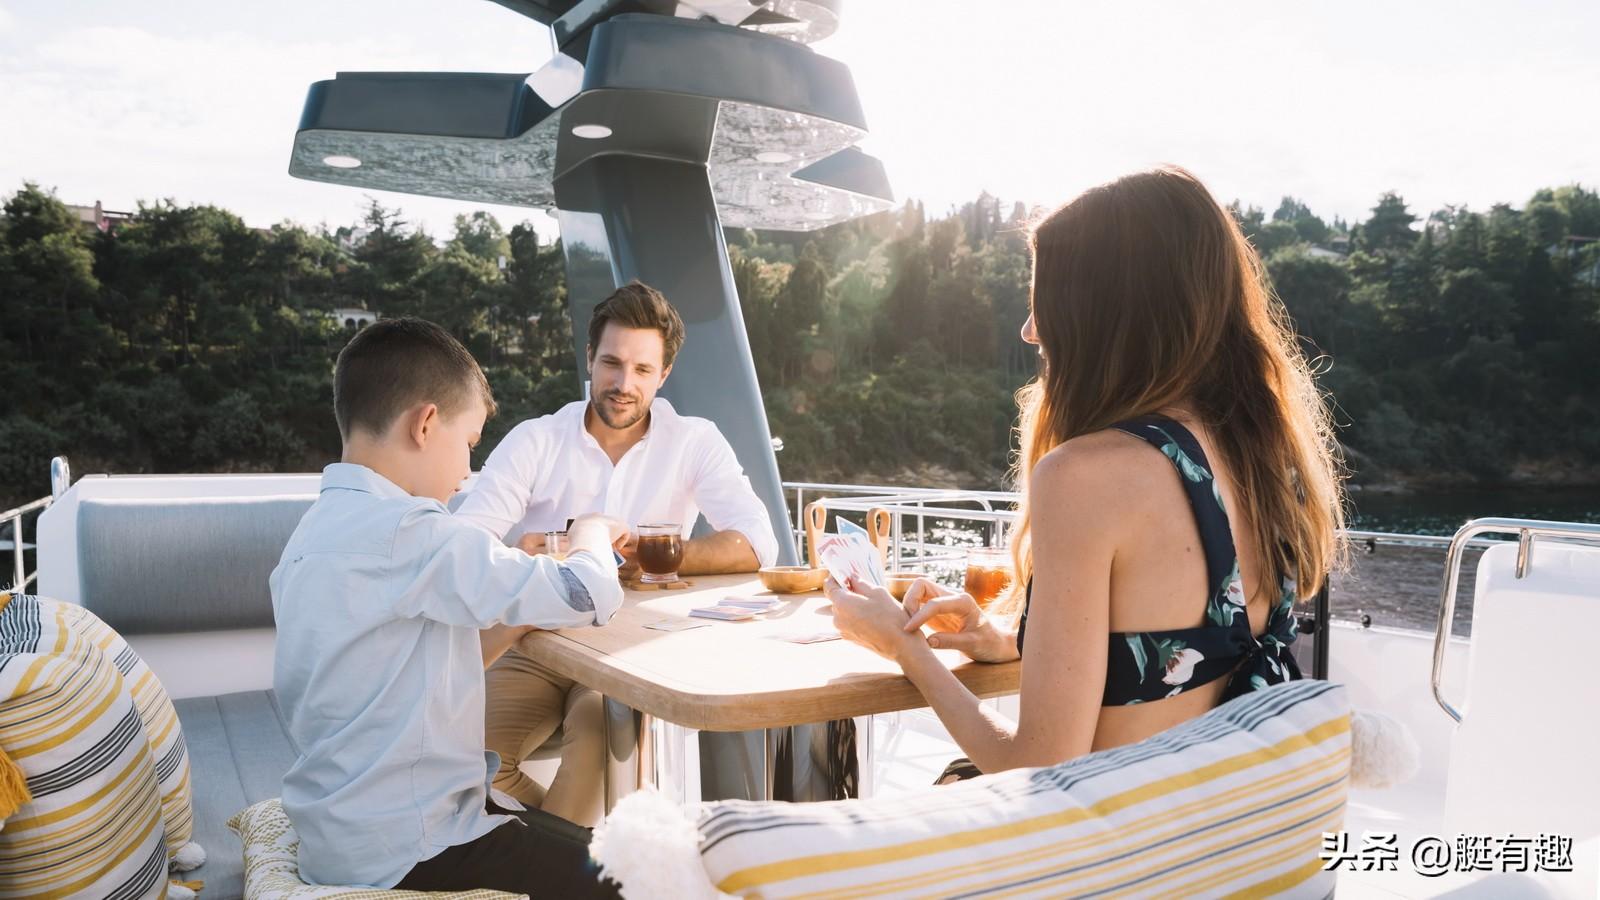 感受土耳其的浪漫,赛丽娜Sirena 58游艇,我承认我心动了